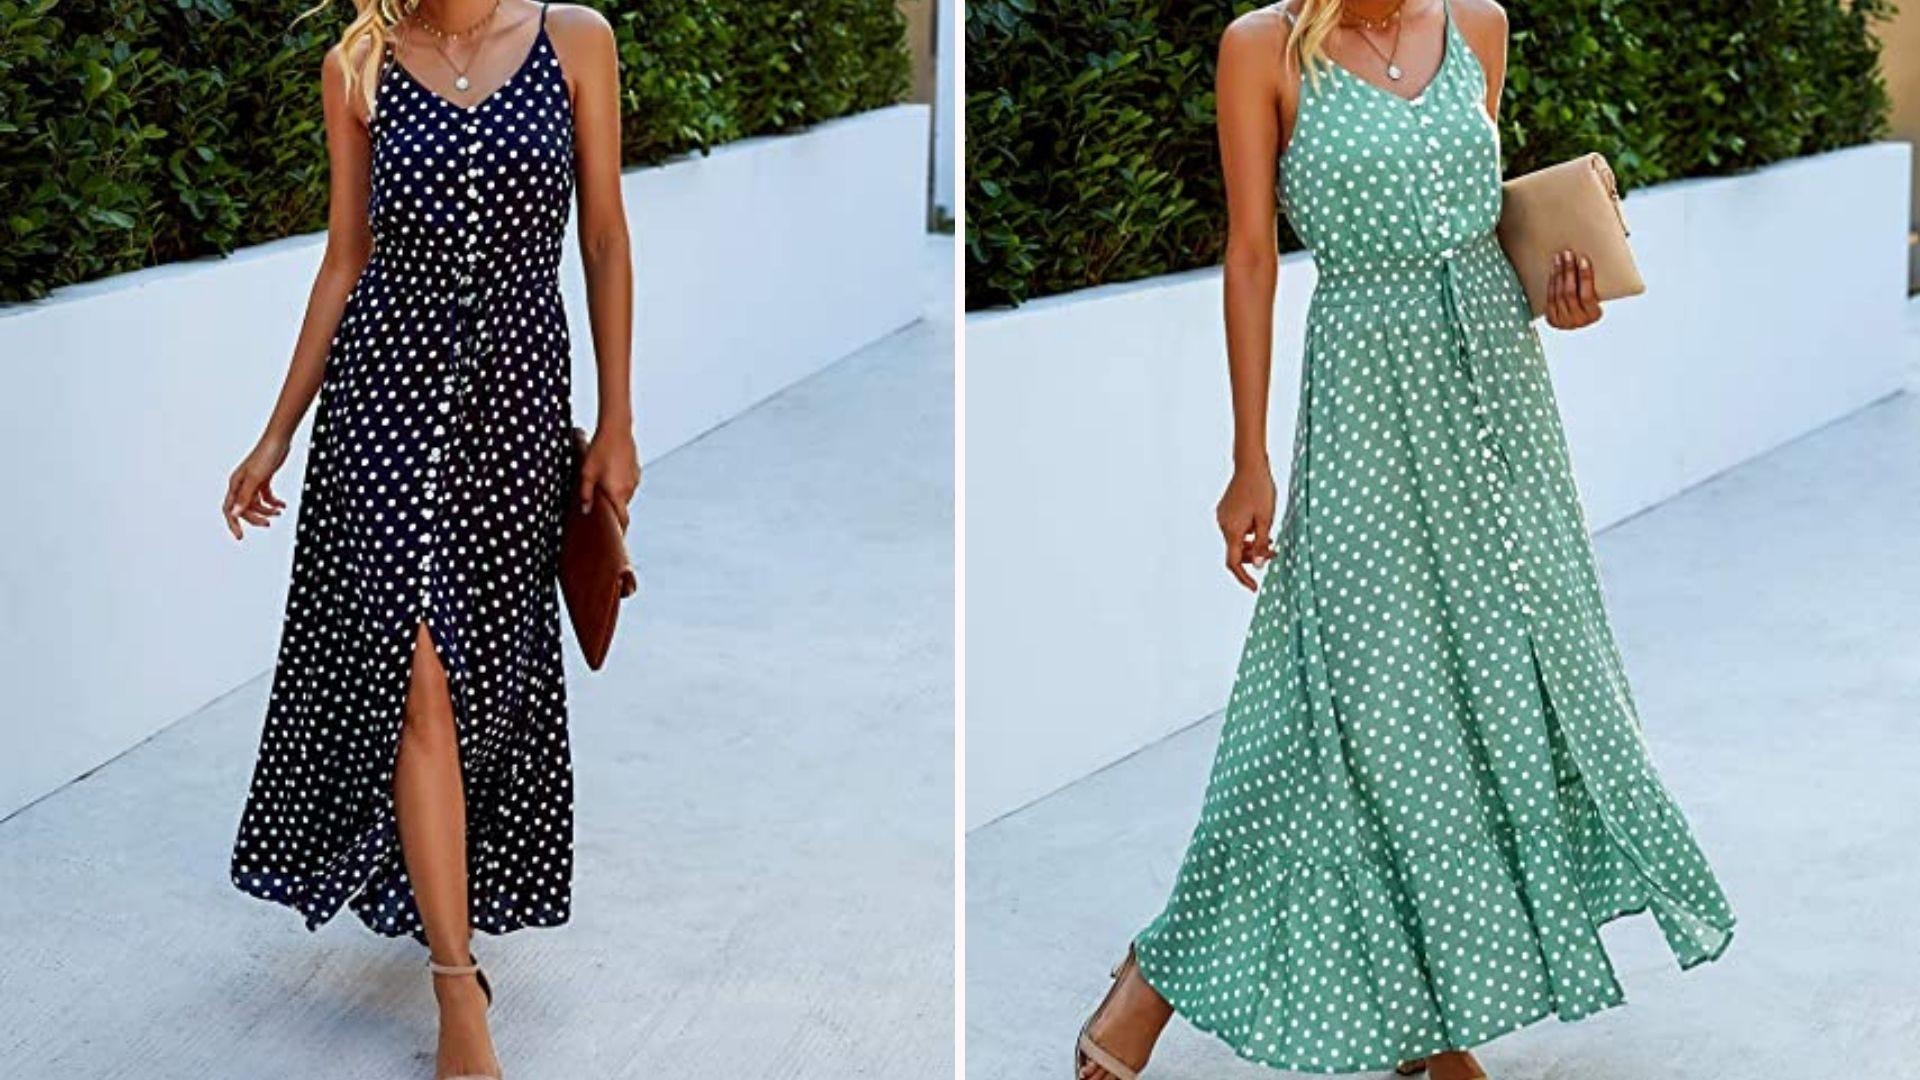 A woman wearing a navy/white polka dot spaghetti strap dress; a woman wearing a green/white polka dot spaghetti strap dress